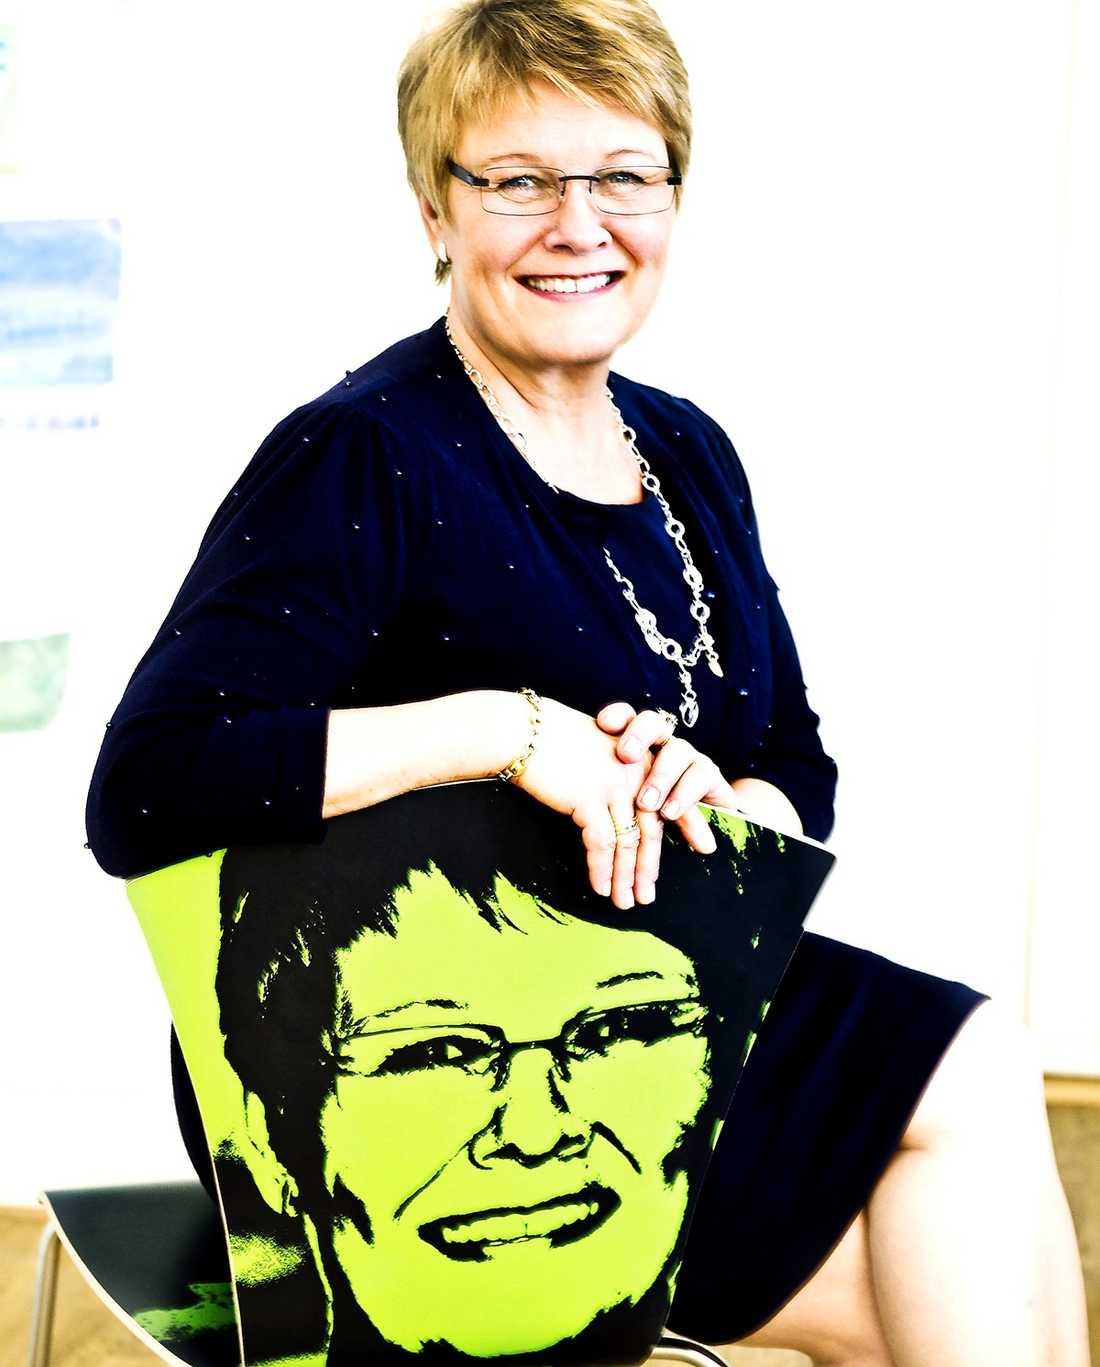 IFRÅGASATT Maud Olofsson har suttit som partiledare för Centerpartiet i tio år, men nu tycker flera riksdagskollegor att hon borde tacka för sig.